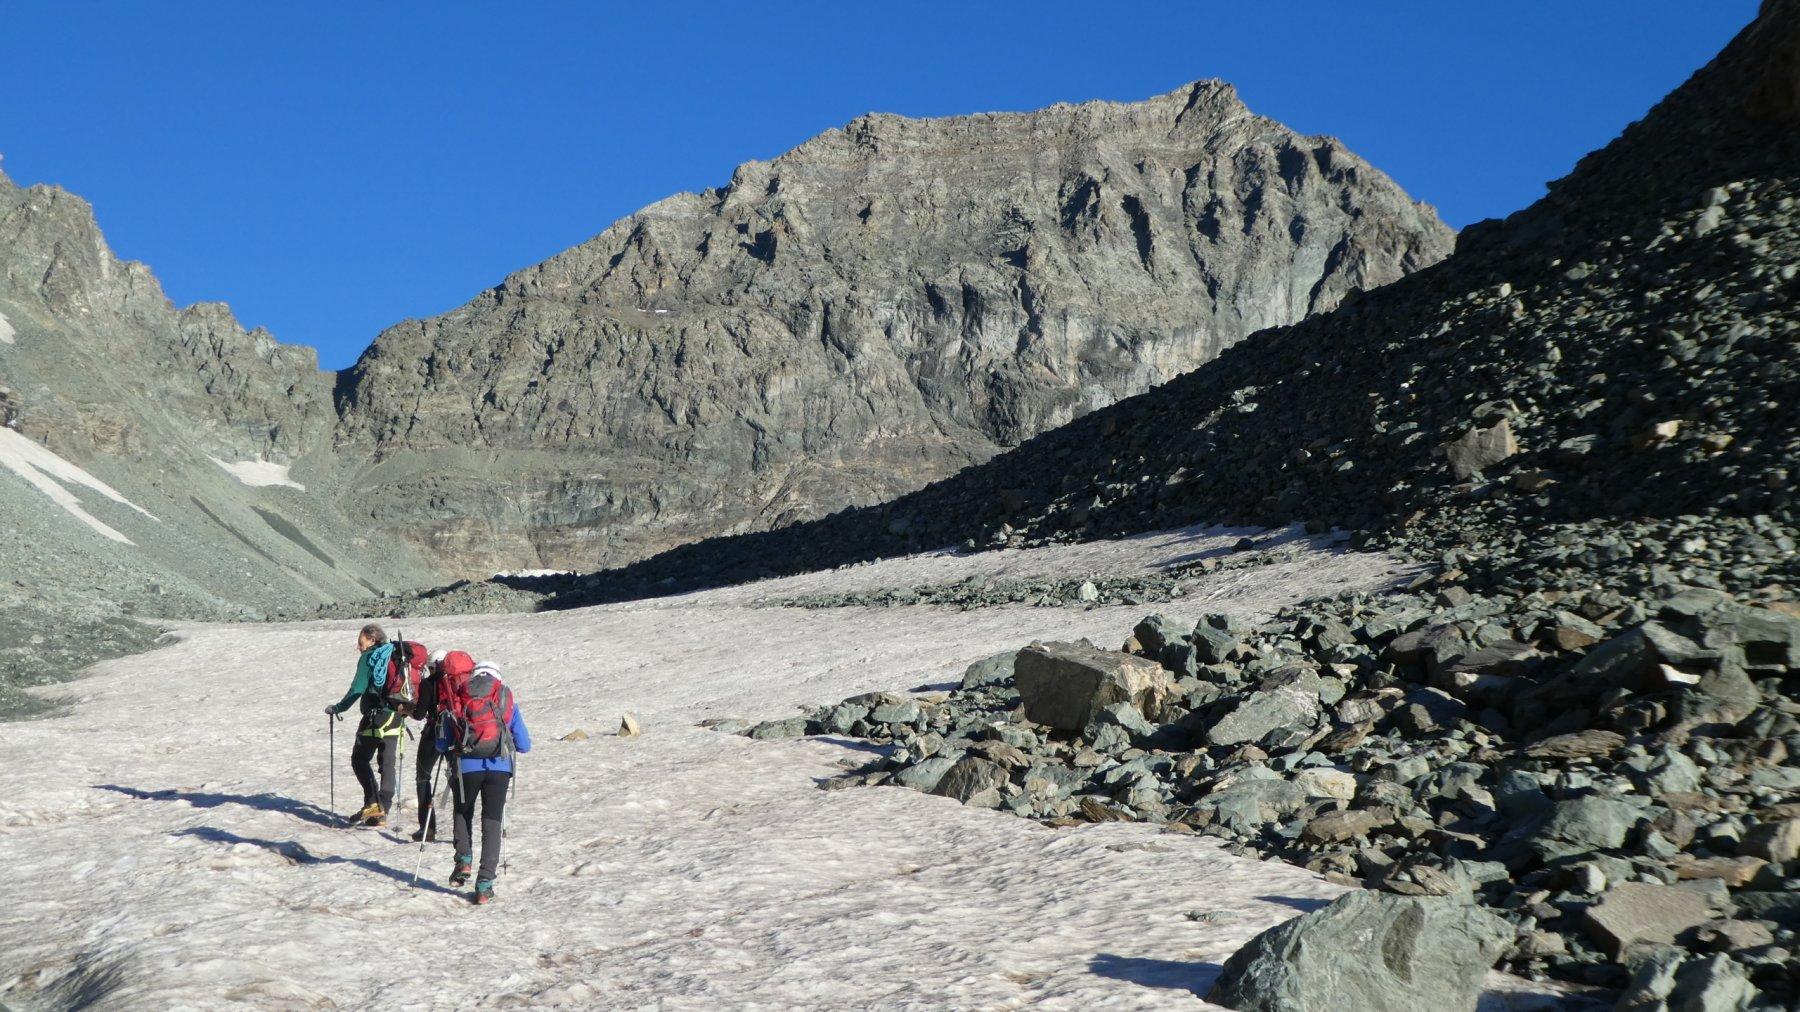 risalendo la parte alta del residuo di ghiacciaio del Pian Gias verso il Passo e la Punta Collerin